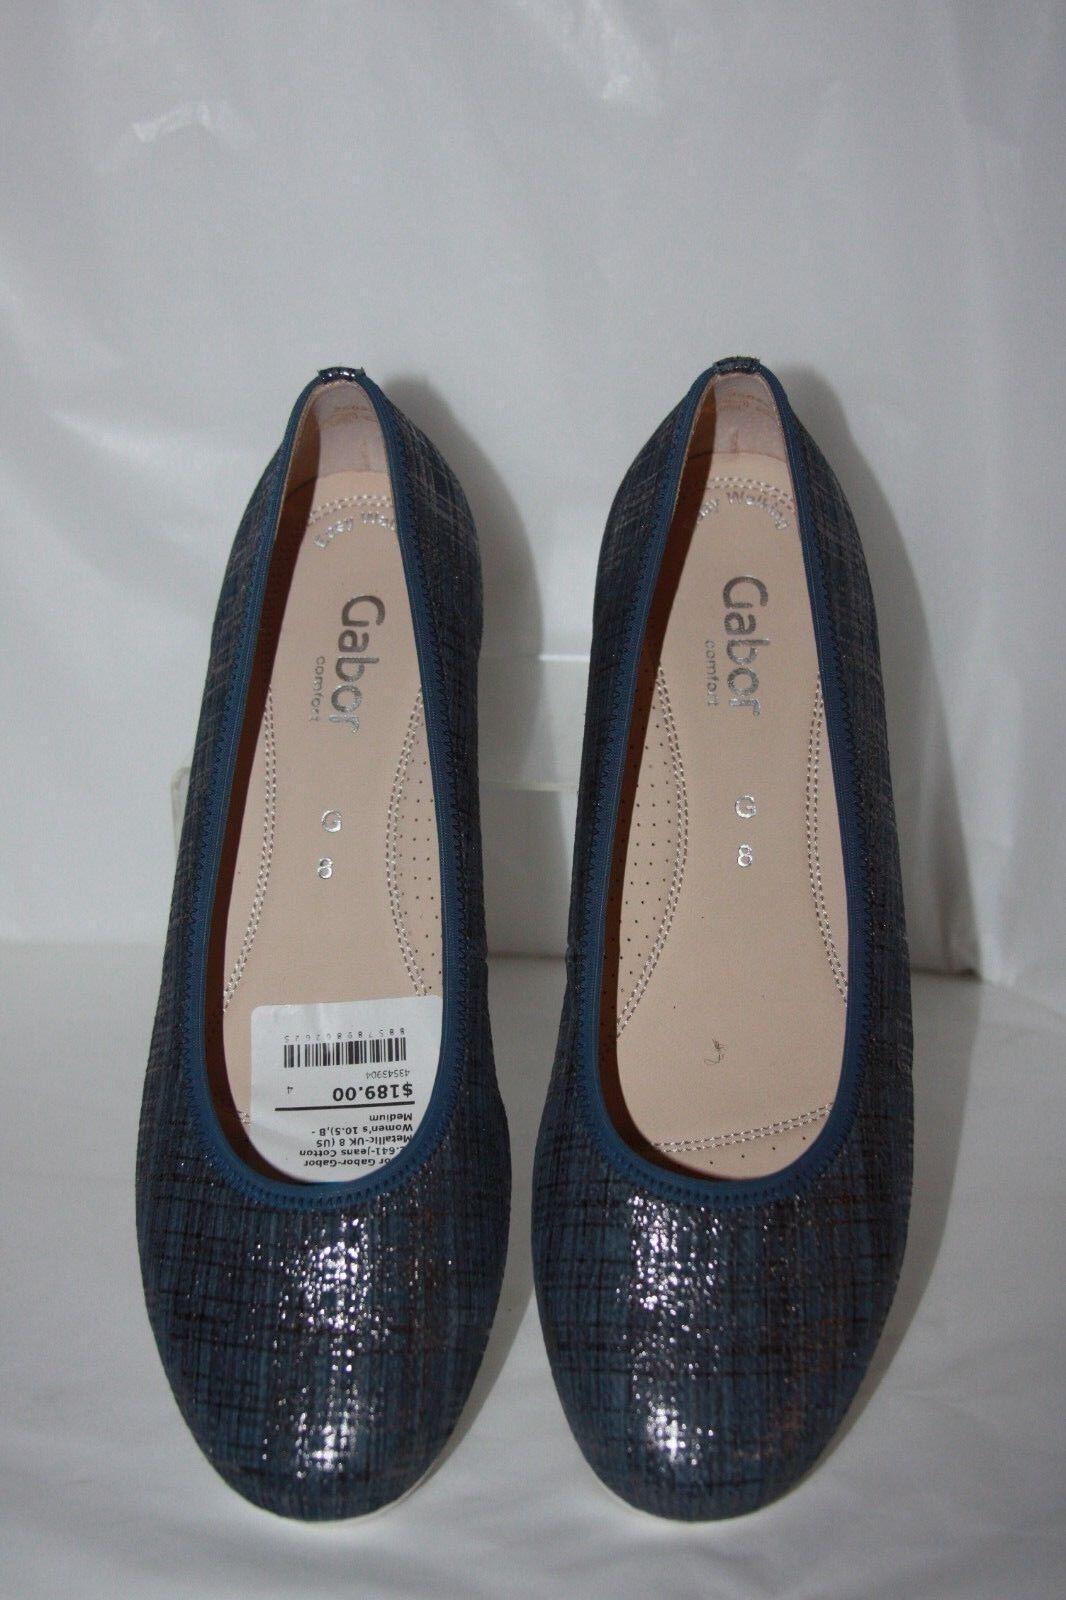 Gabor Gabor 82-641 Jeans cotton Metallic Espadrille  Damens's Größe 10.5  m